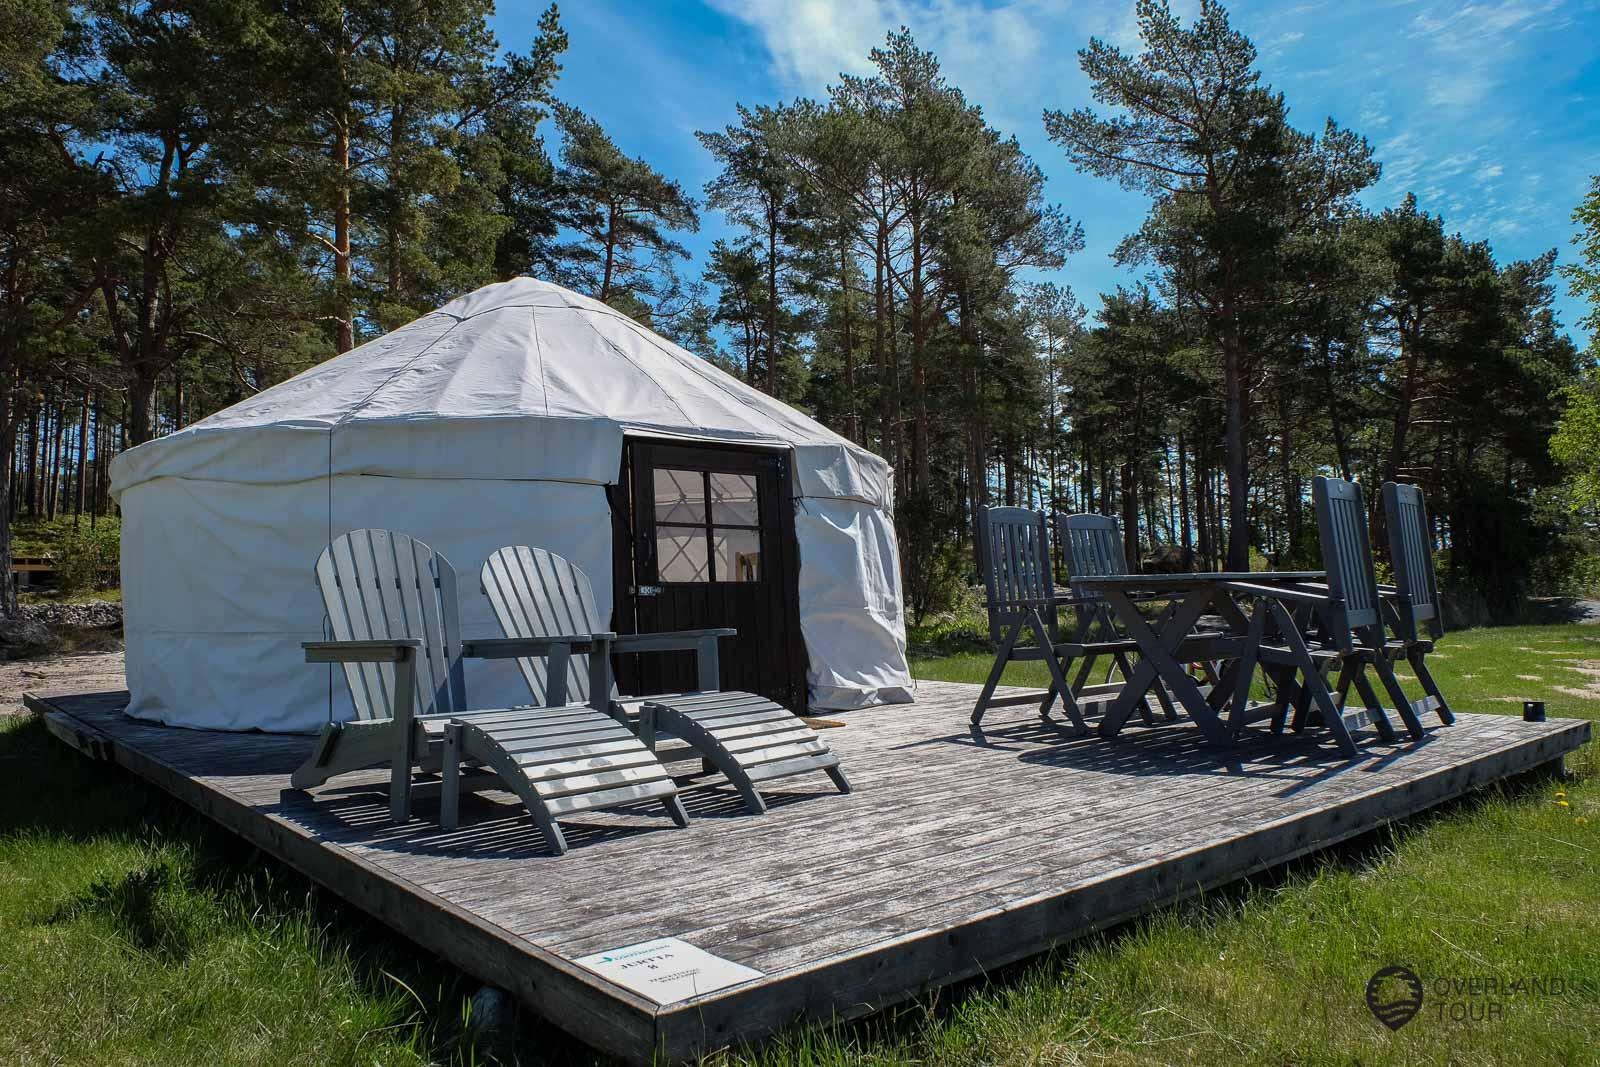 Die Lootholma Campsite in Kustavi ist sehr schön und die Yurten klasse. Die Sauna ist morgens und abends kostenlos zu benutzen und liegt direkt am Meer